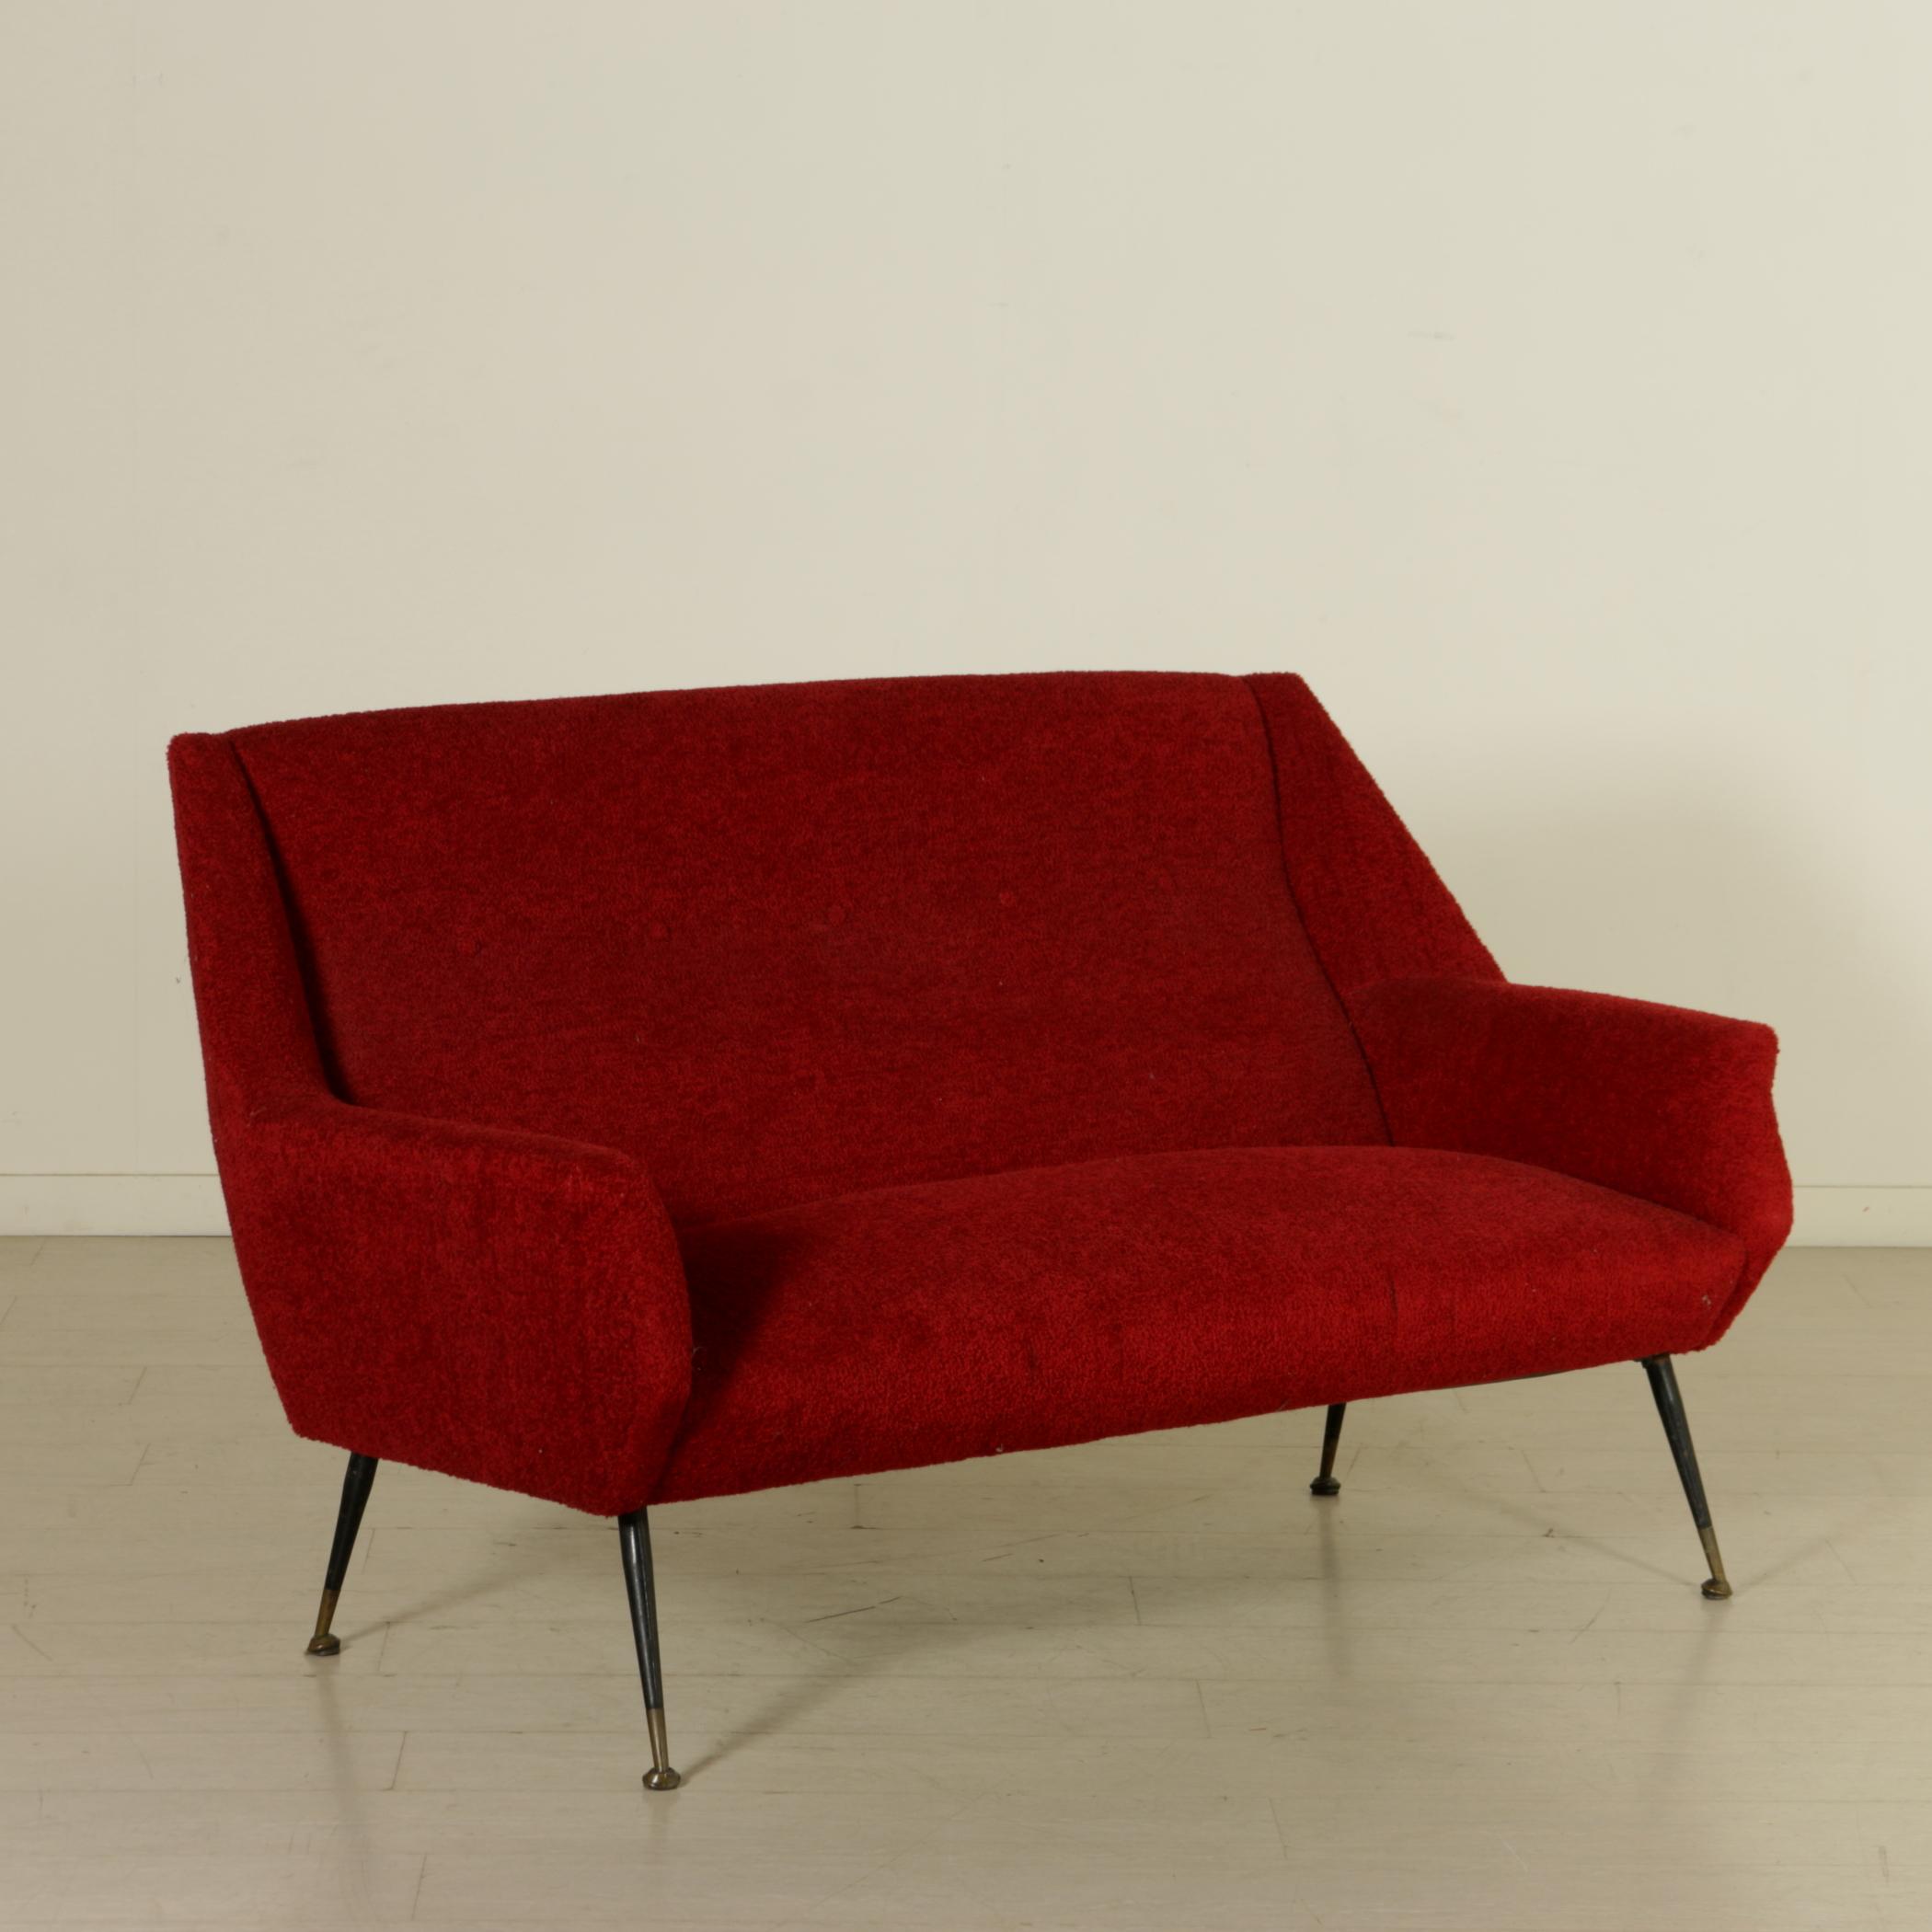 Canapé des années 50-60 - Canapés - Design moderne - dimanoinmano.it